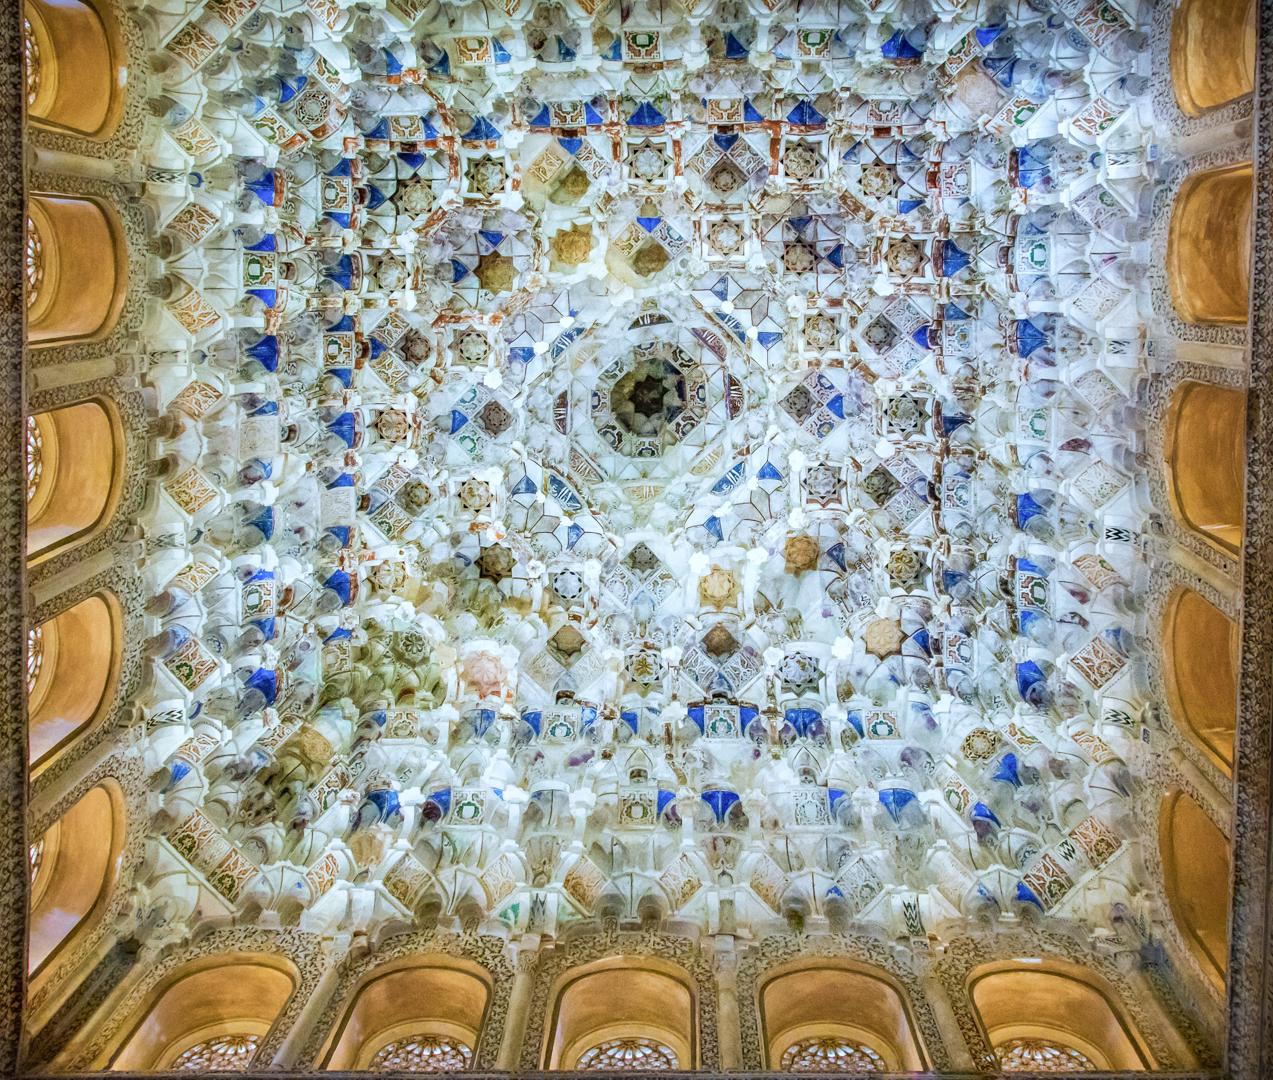 GGC202002-Alain Boucher - Plafond de l'Alhambra